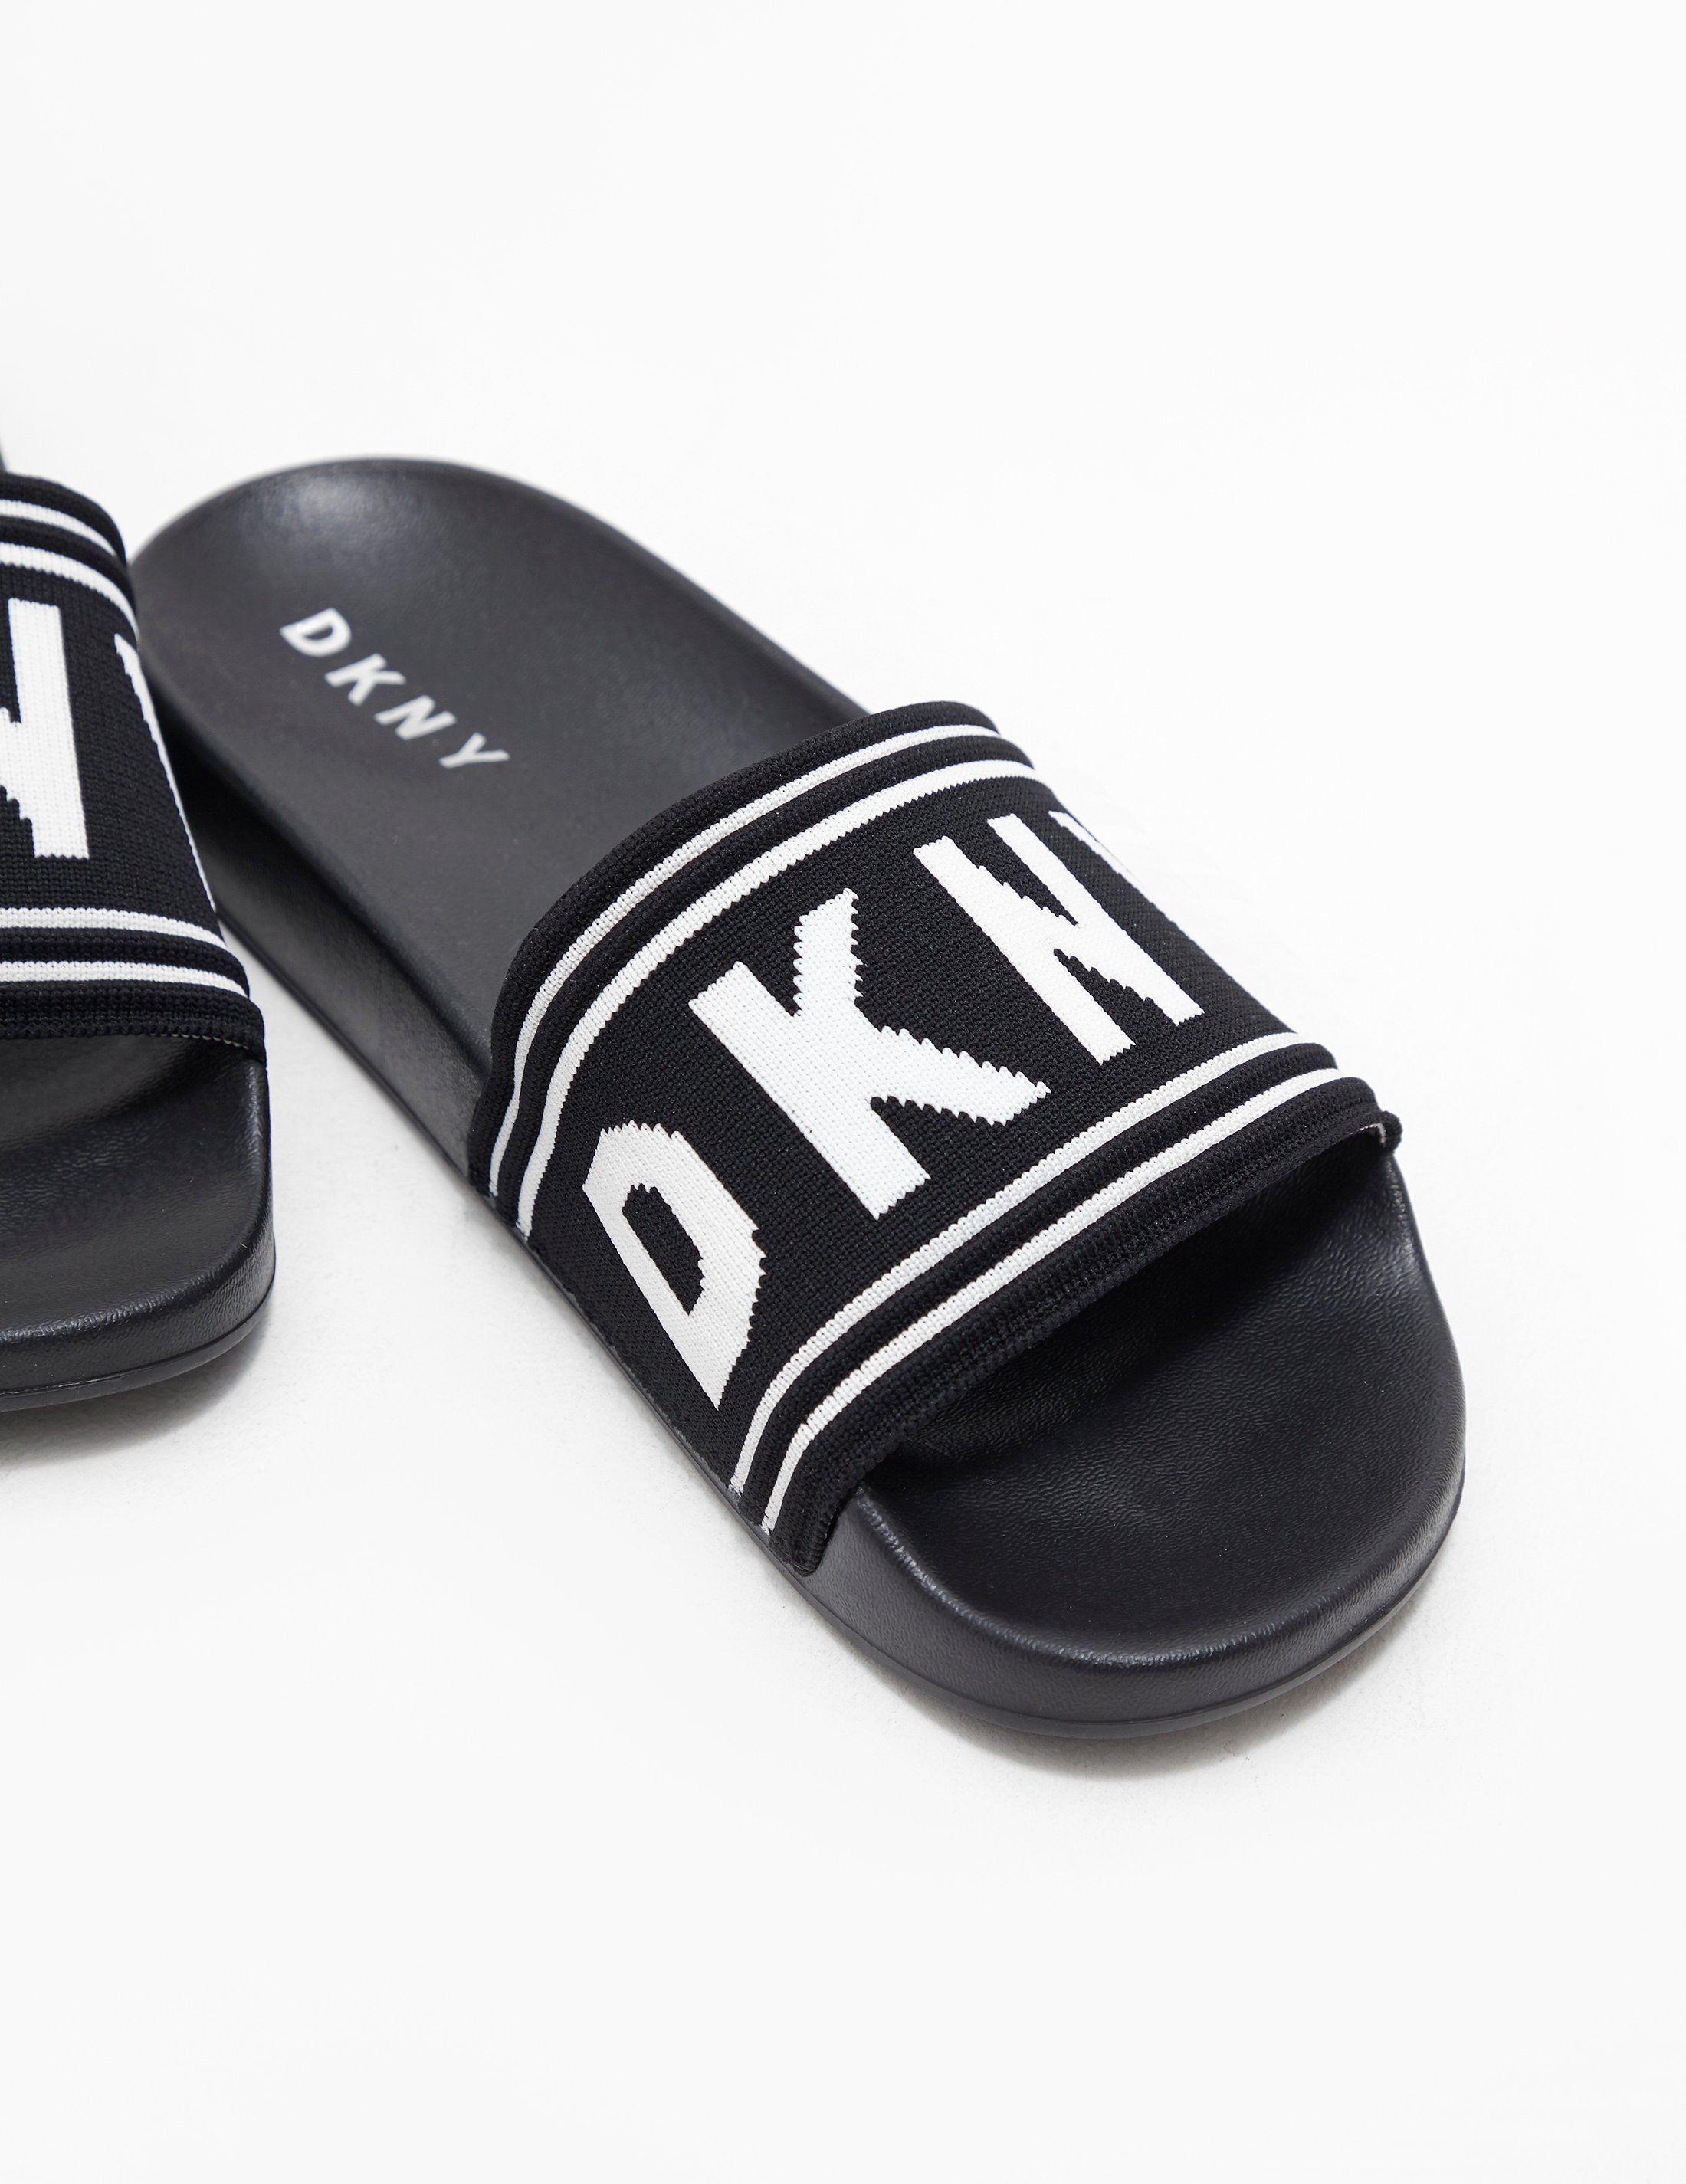 DKNY Zora Slides